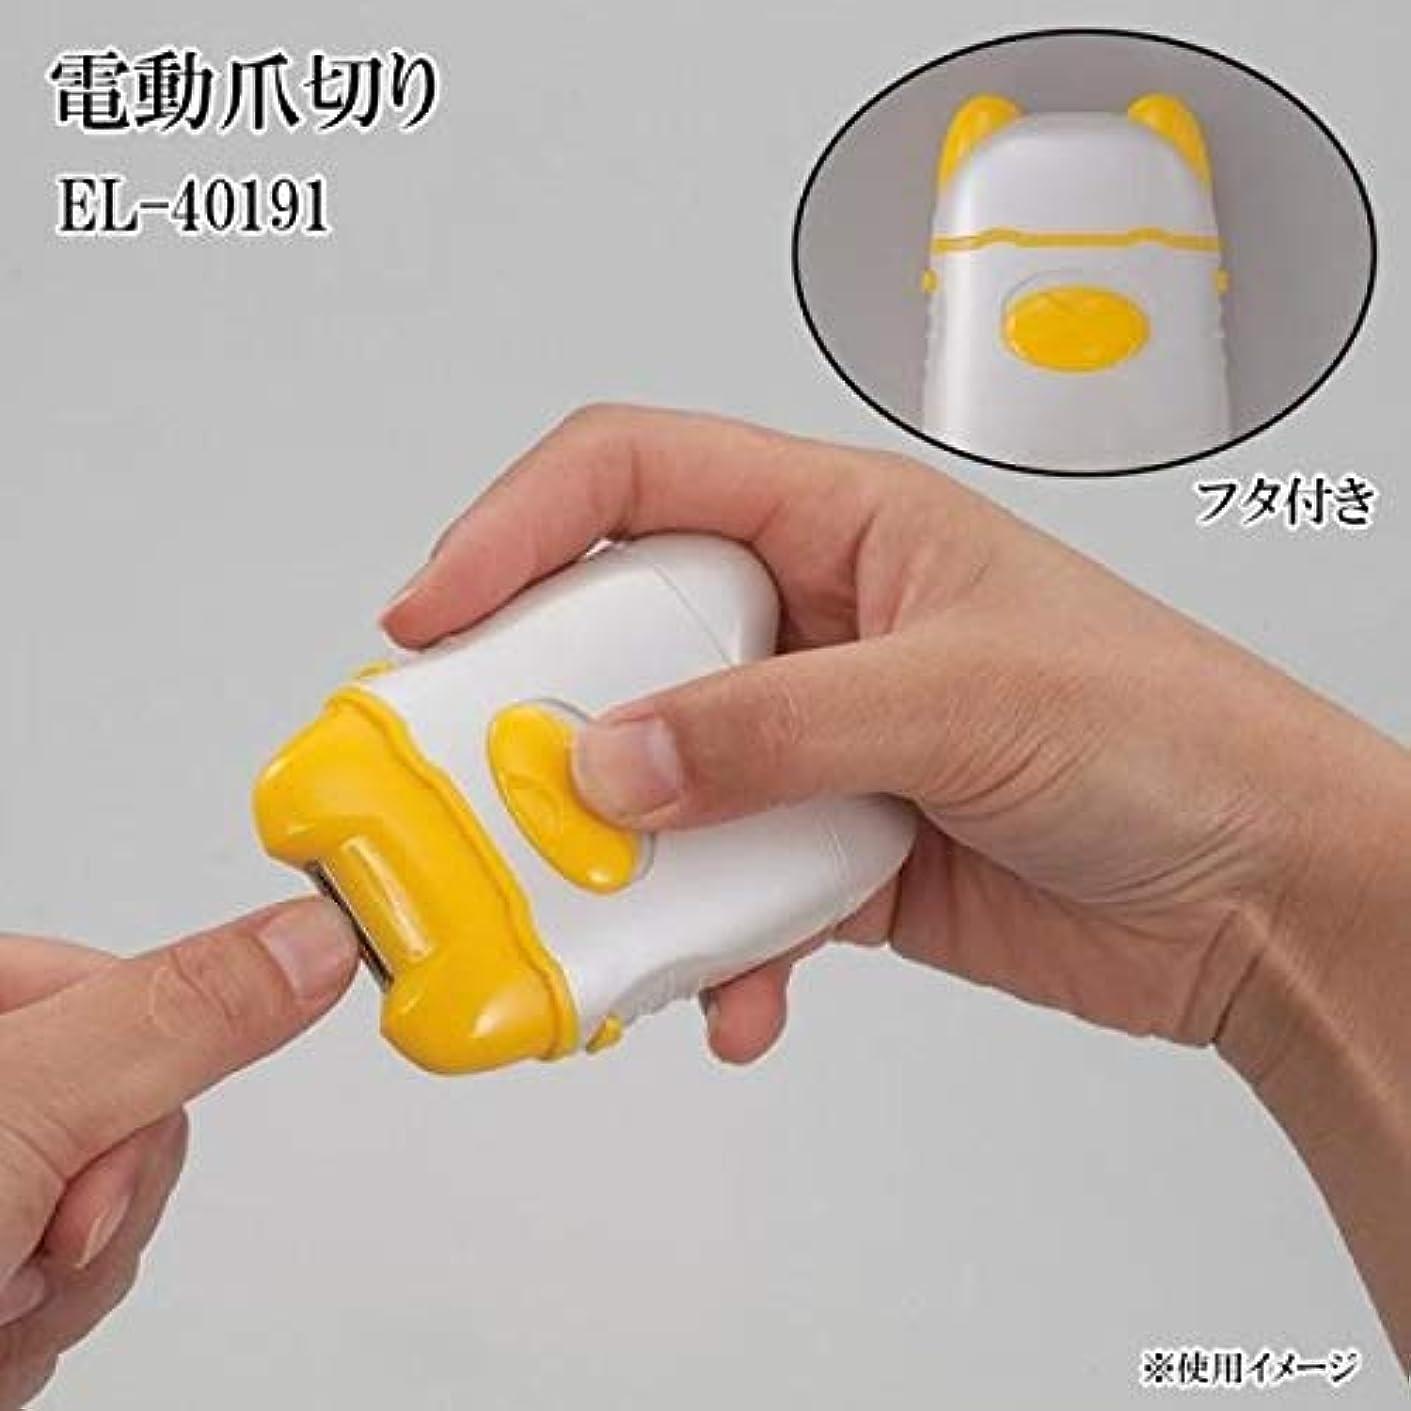 後道徳教育溶岩電動爪切り EL-40191